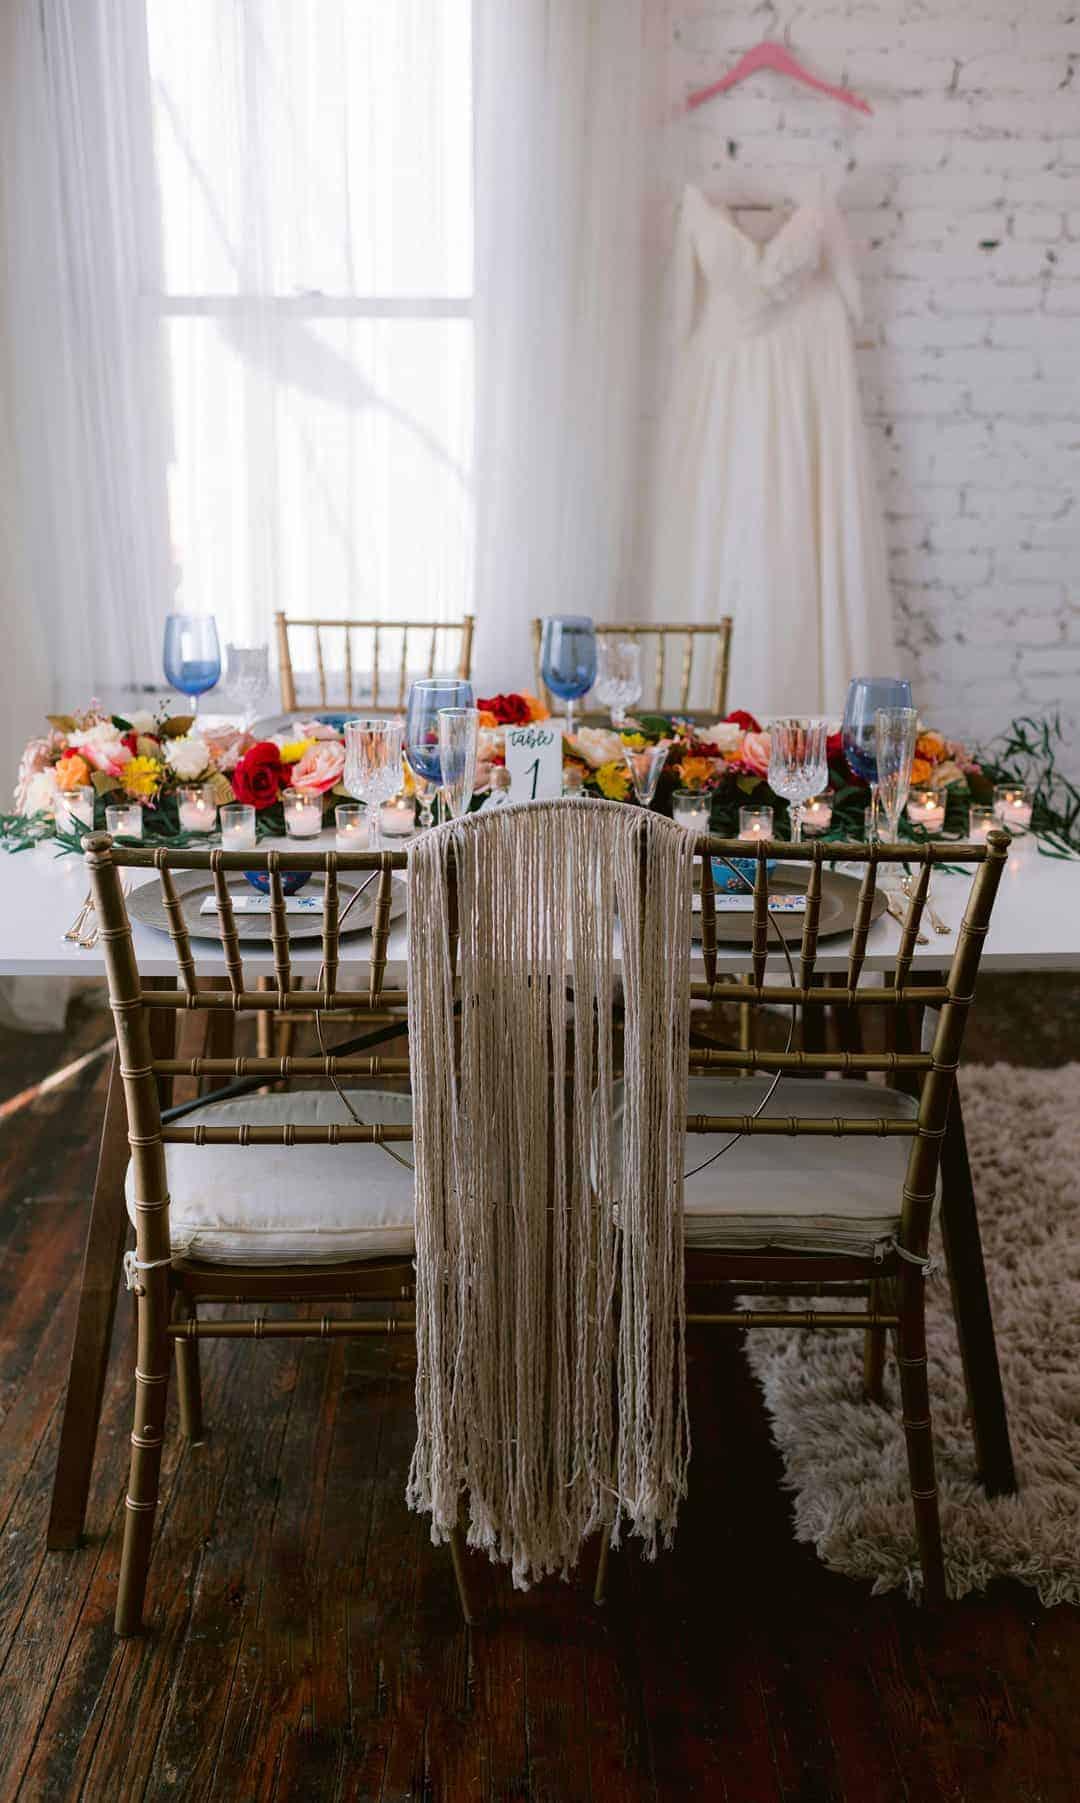 BEAUTIFUL WEDDING INSPIRATION FOR COUPLES WHO WANT TO CELEBRATE THEIR SPANISH CULTURE 16 - Ý TƯỞNG ĐÁM CƯỚI CHỦ ĐỀ TÂY BAN NHA |  Bespoke-Bride: Wedding Blog